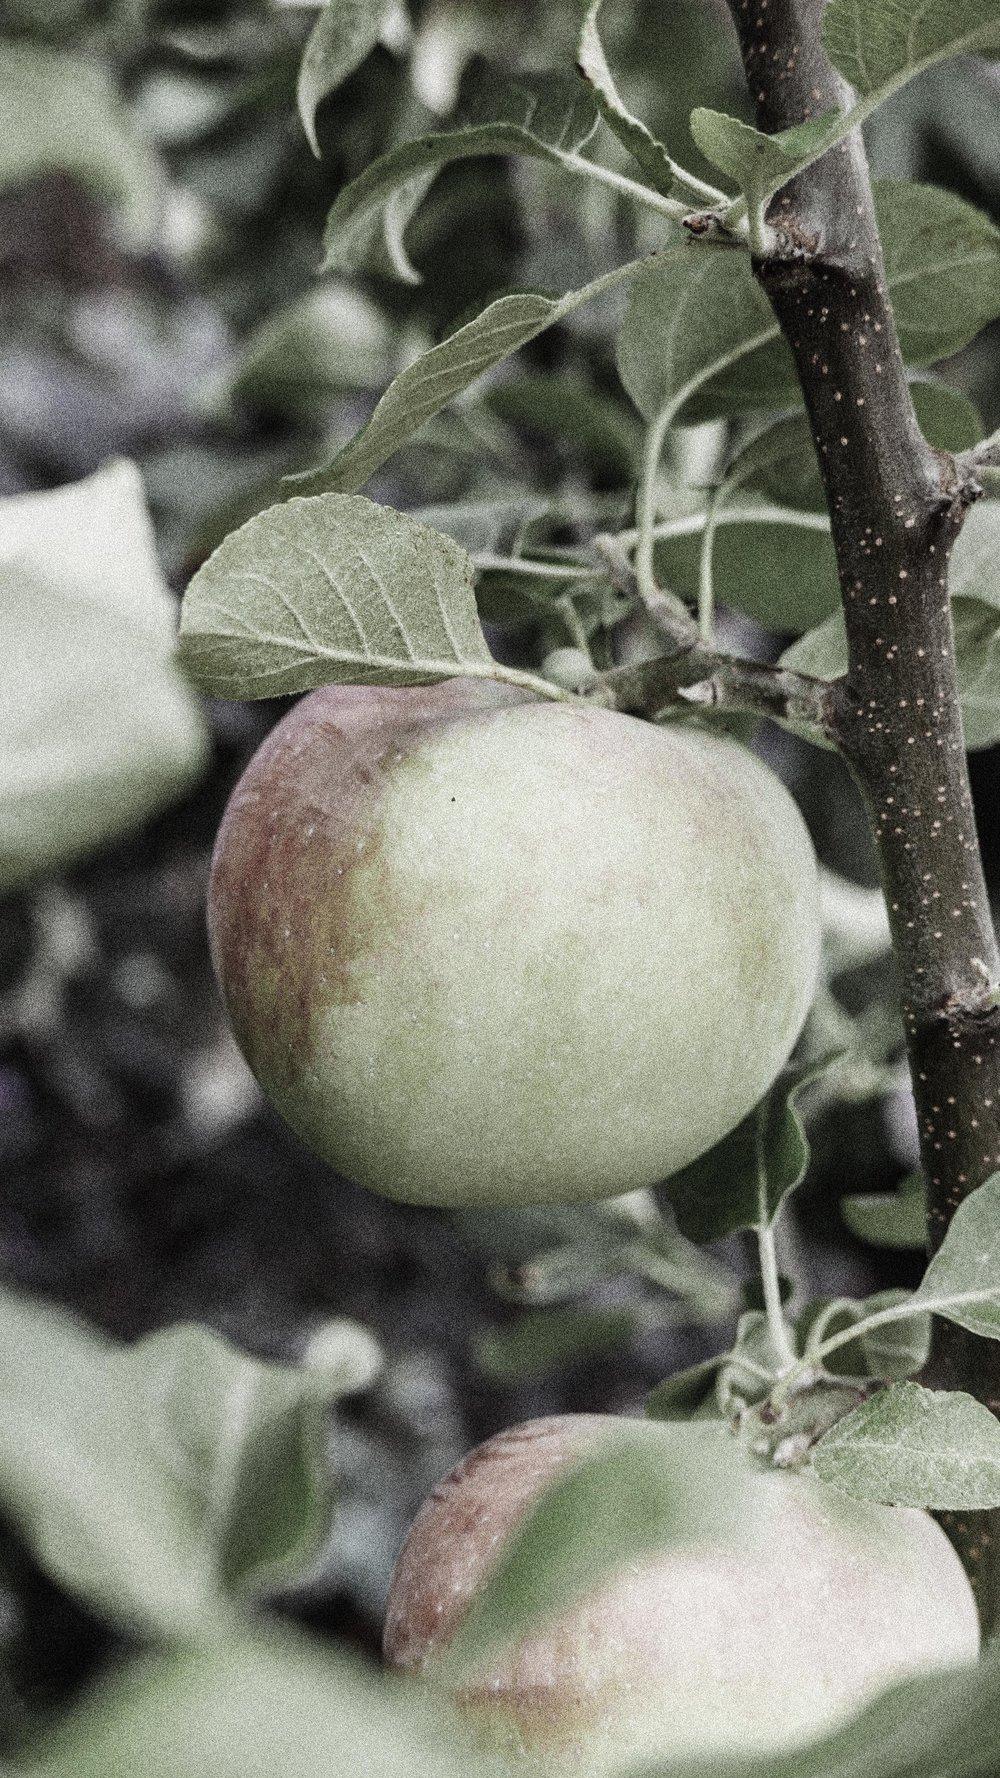 passiflora_11.jpg